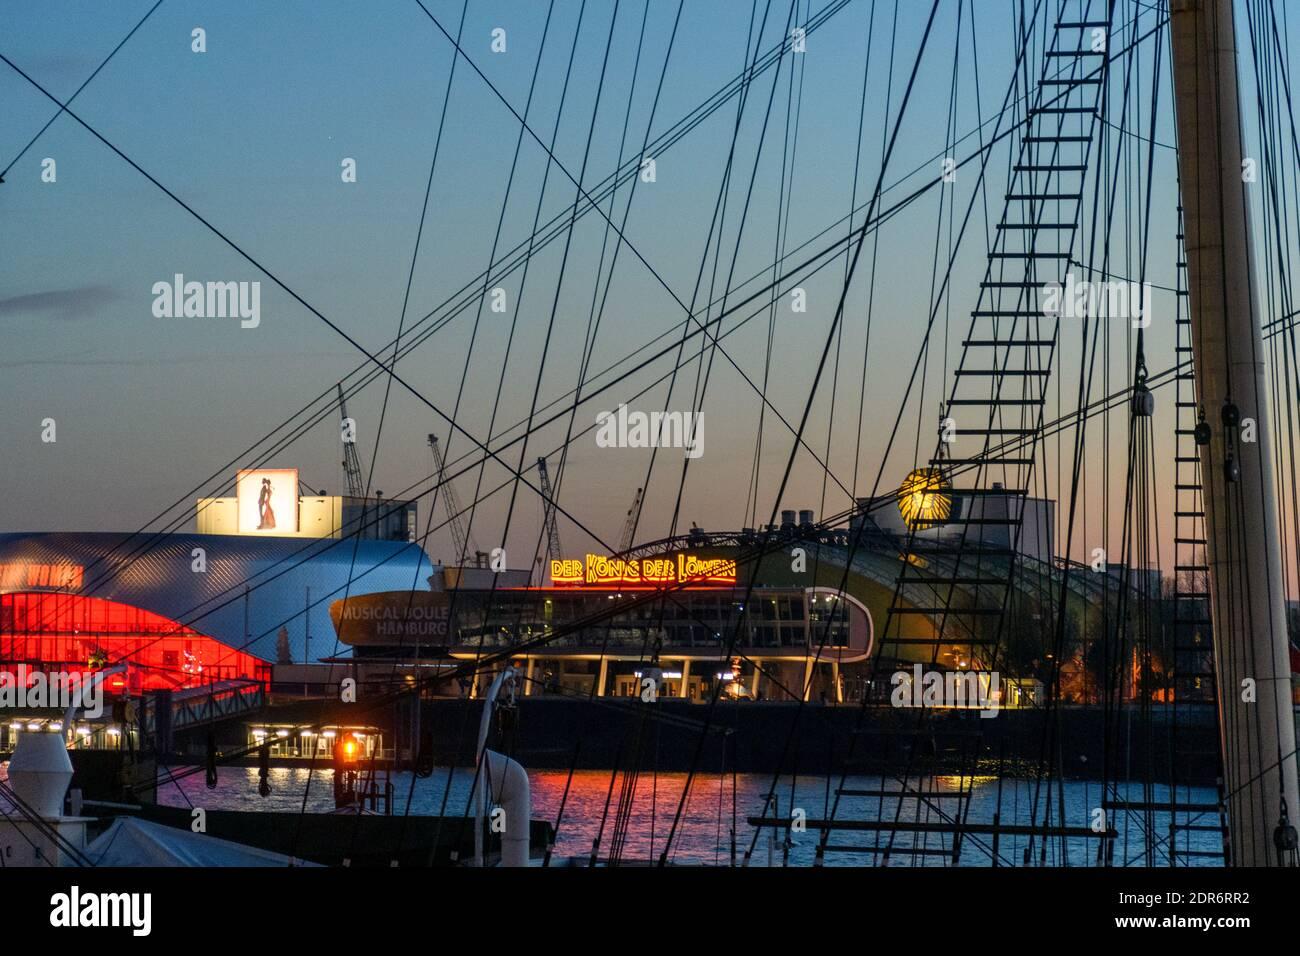 Hamburg im Advent während der Corona Pandemie im Dezember 2020 Stock Photo